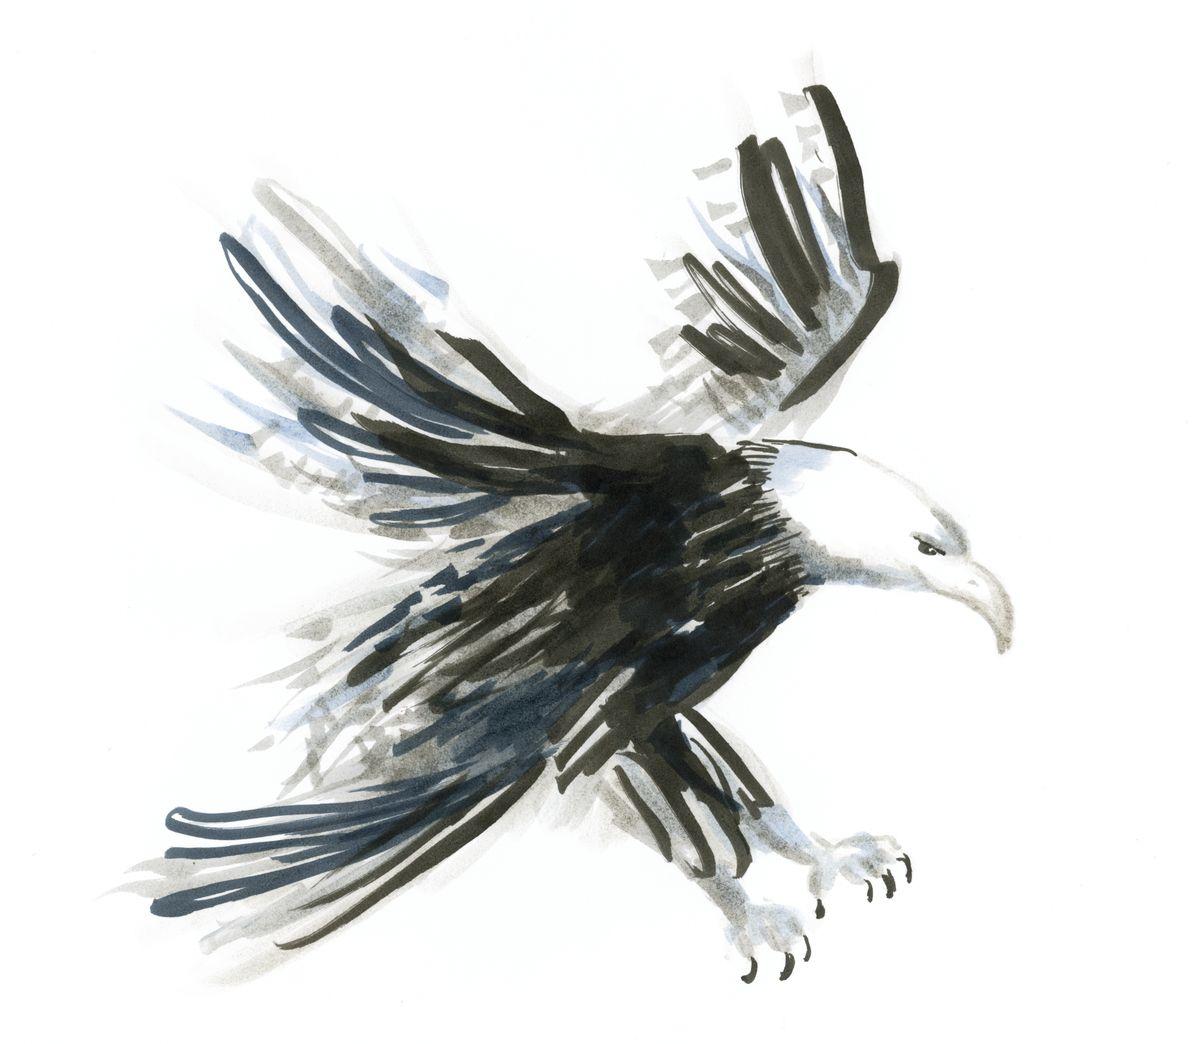 Набор Faber-Castell Pitt Artist Pen Soft Brush состоит из 8 художественных капиллярных ручек пастельных тонов. Отлично подходит для набросков, рисования и живописи, благодаря специальному наконечнику-кисточке. Такие ручки широко востребованы среди дизайнеров и художников-иллюстраторов.Чернила обладают высокой светоустойчивостью и после высыхания не размываются. Специальные чернила не содержат кислот и являются устойчивыми к воздействию солнечных лучей.